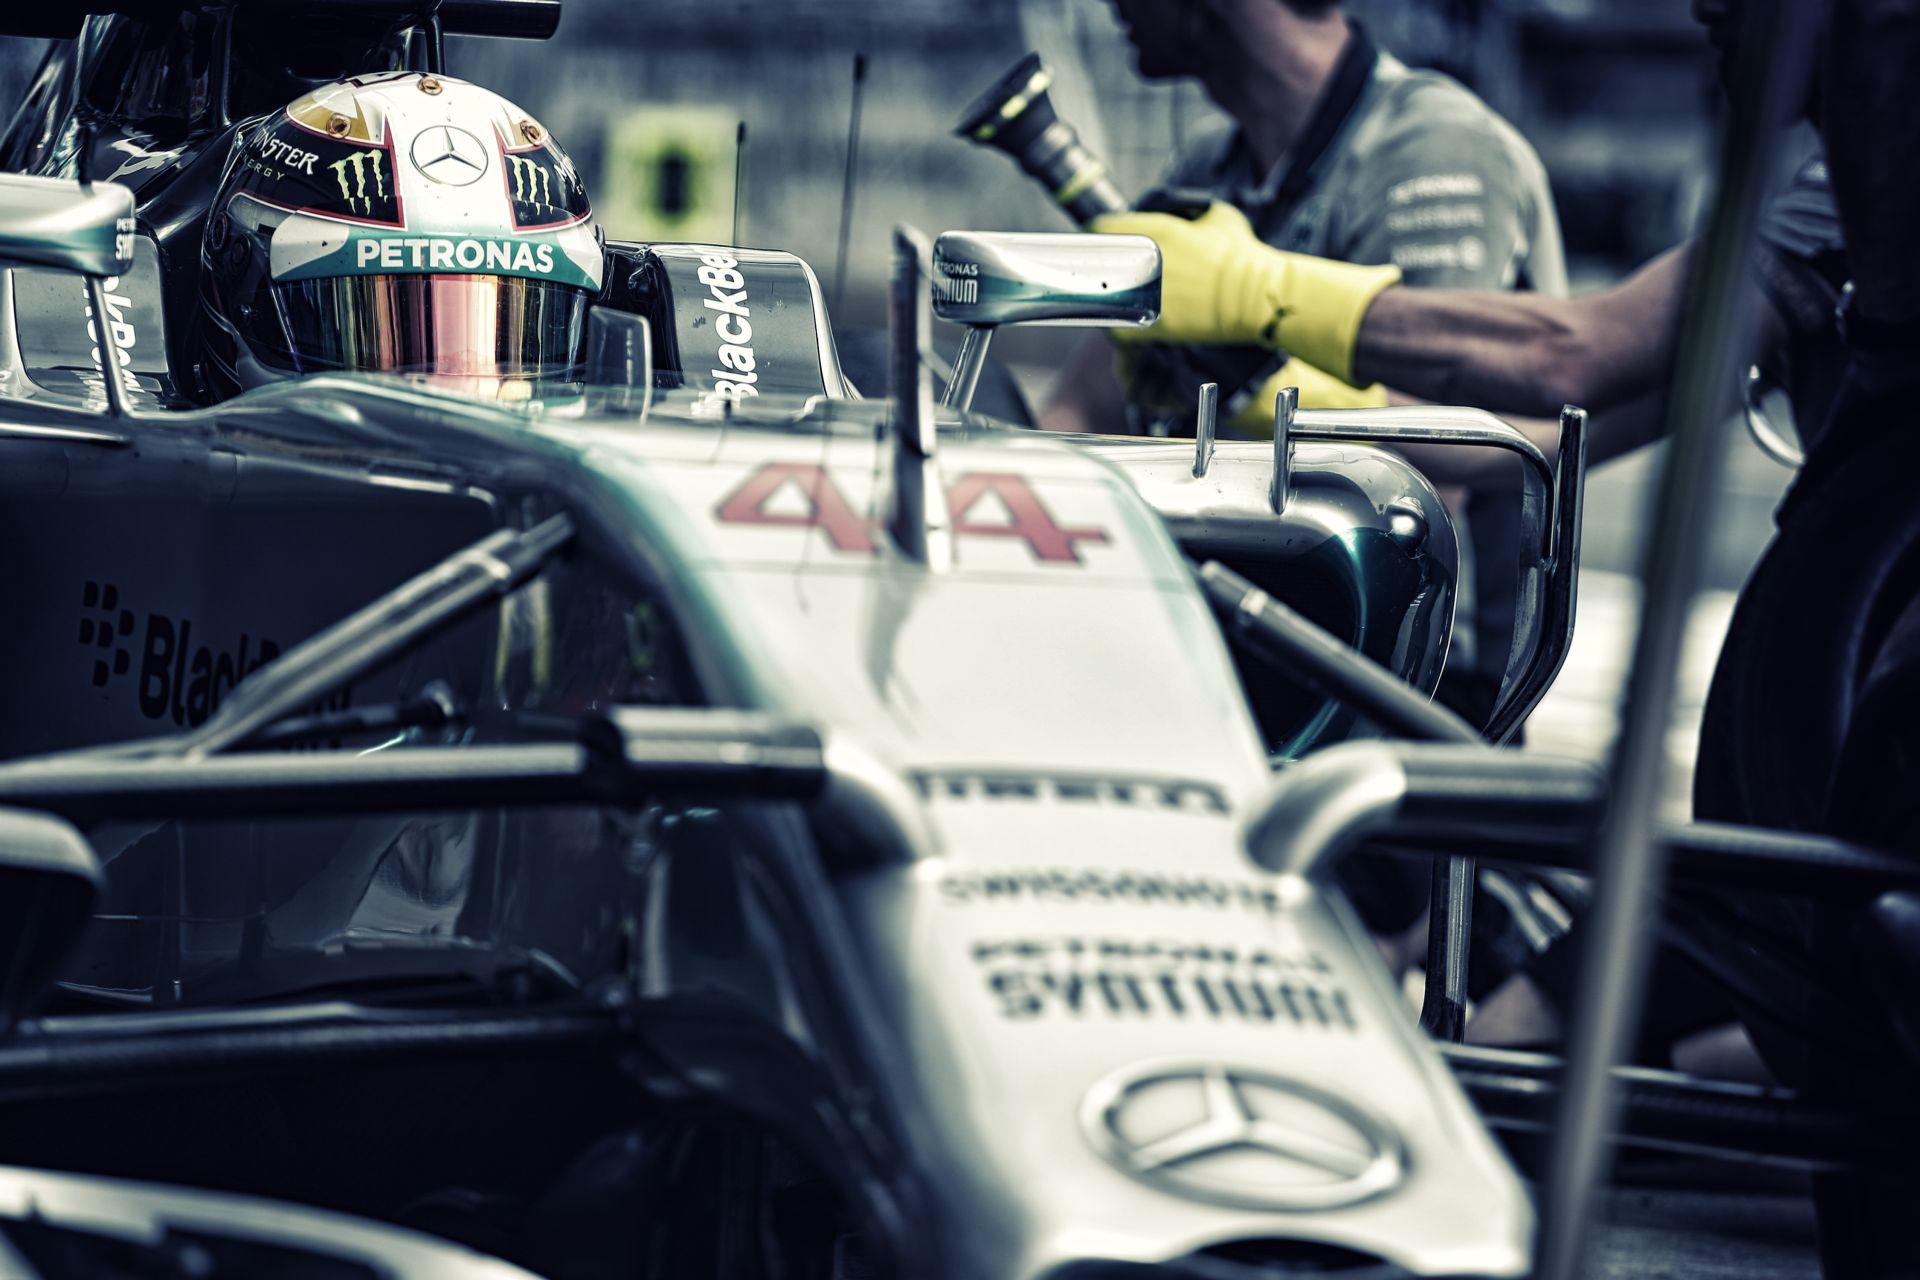 A Mercedes ezentúl többet fog kockáztatni Hamilton kerékcseréinél: Veszélyesebb, de gyorsabb